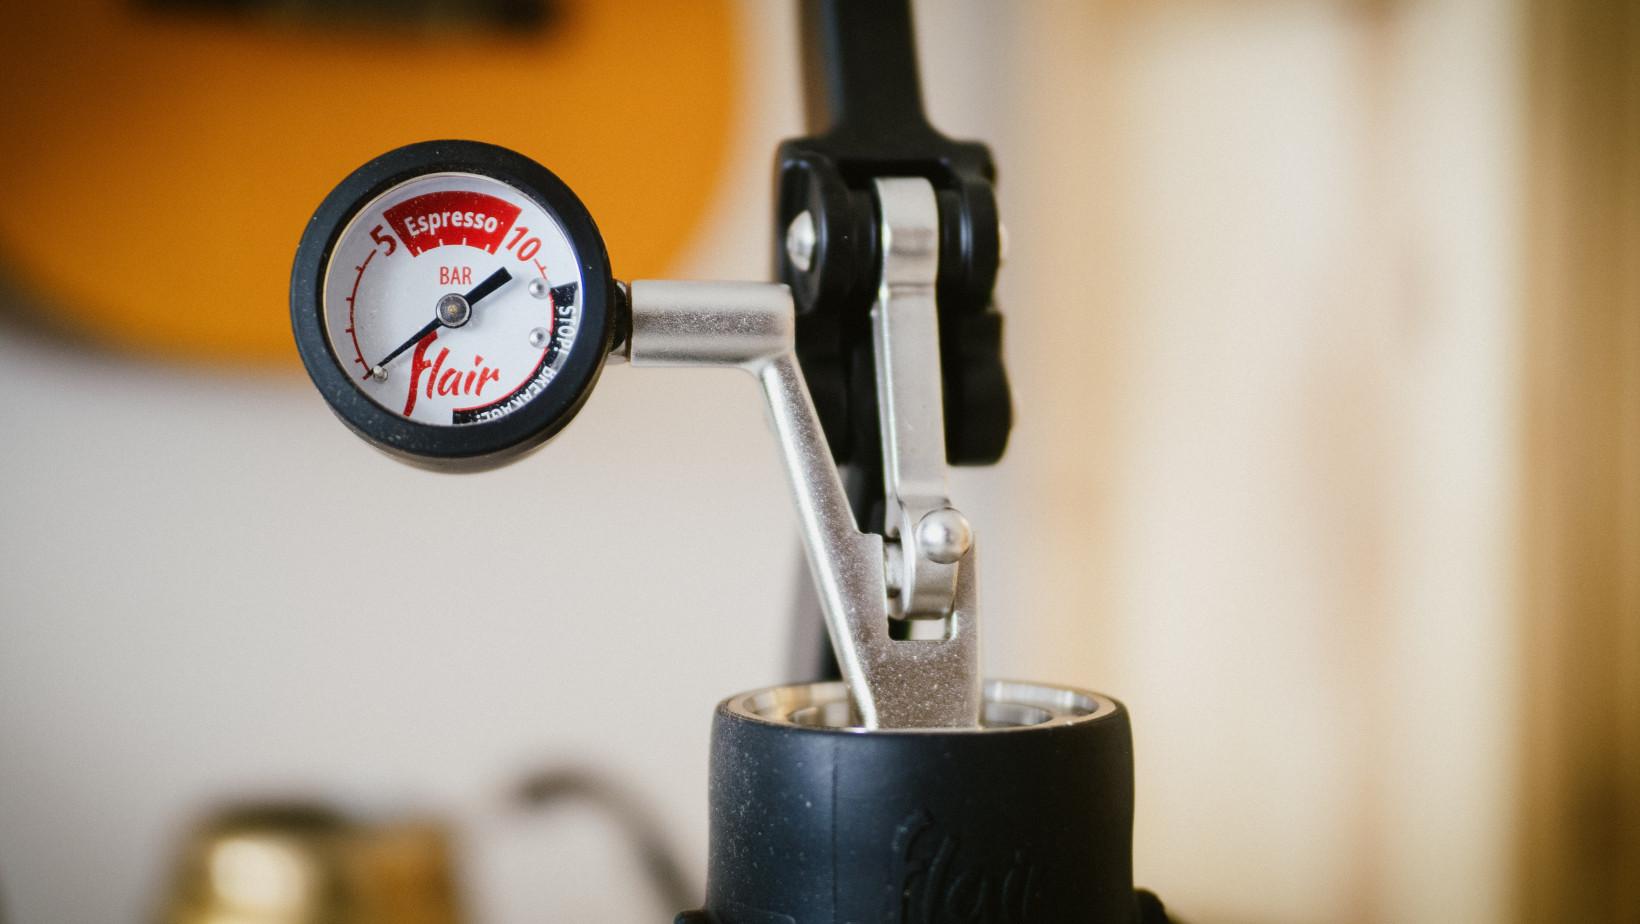 Flair 58 Espresso Maker 6 of 6